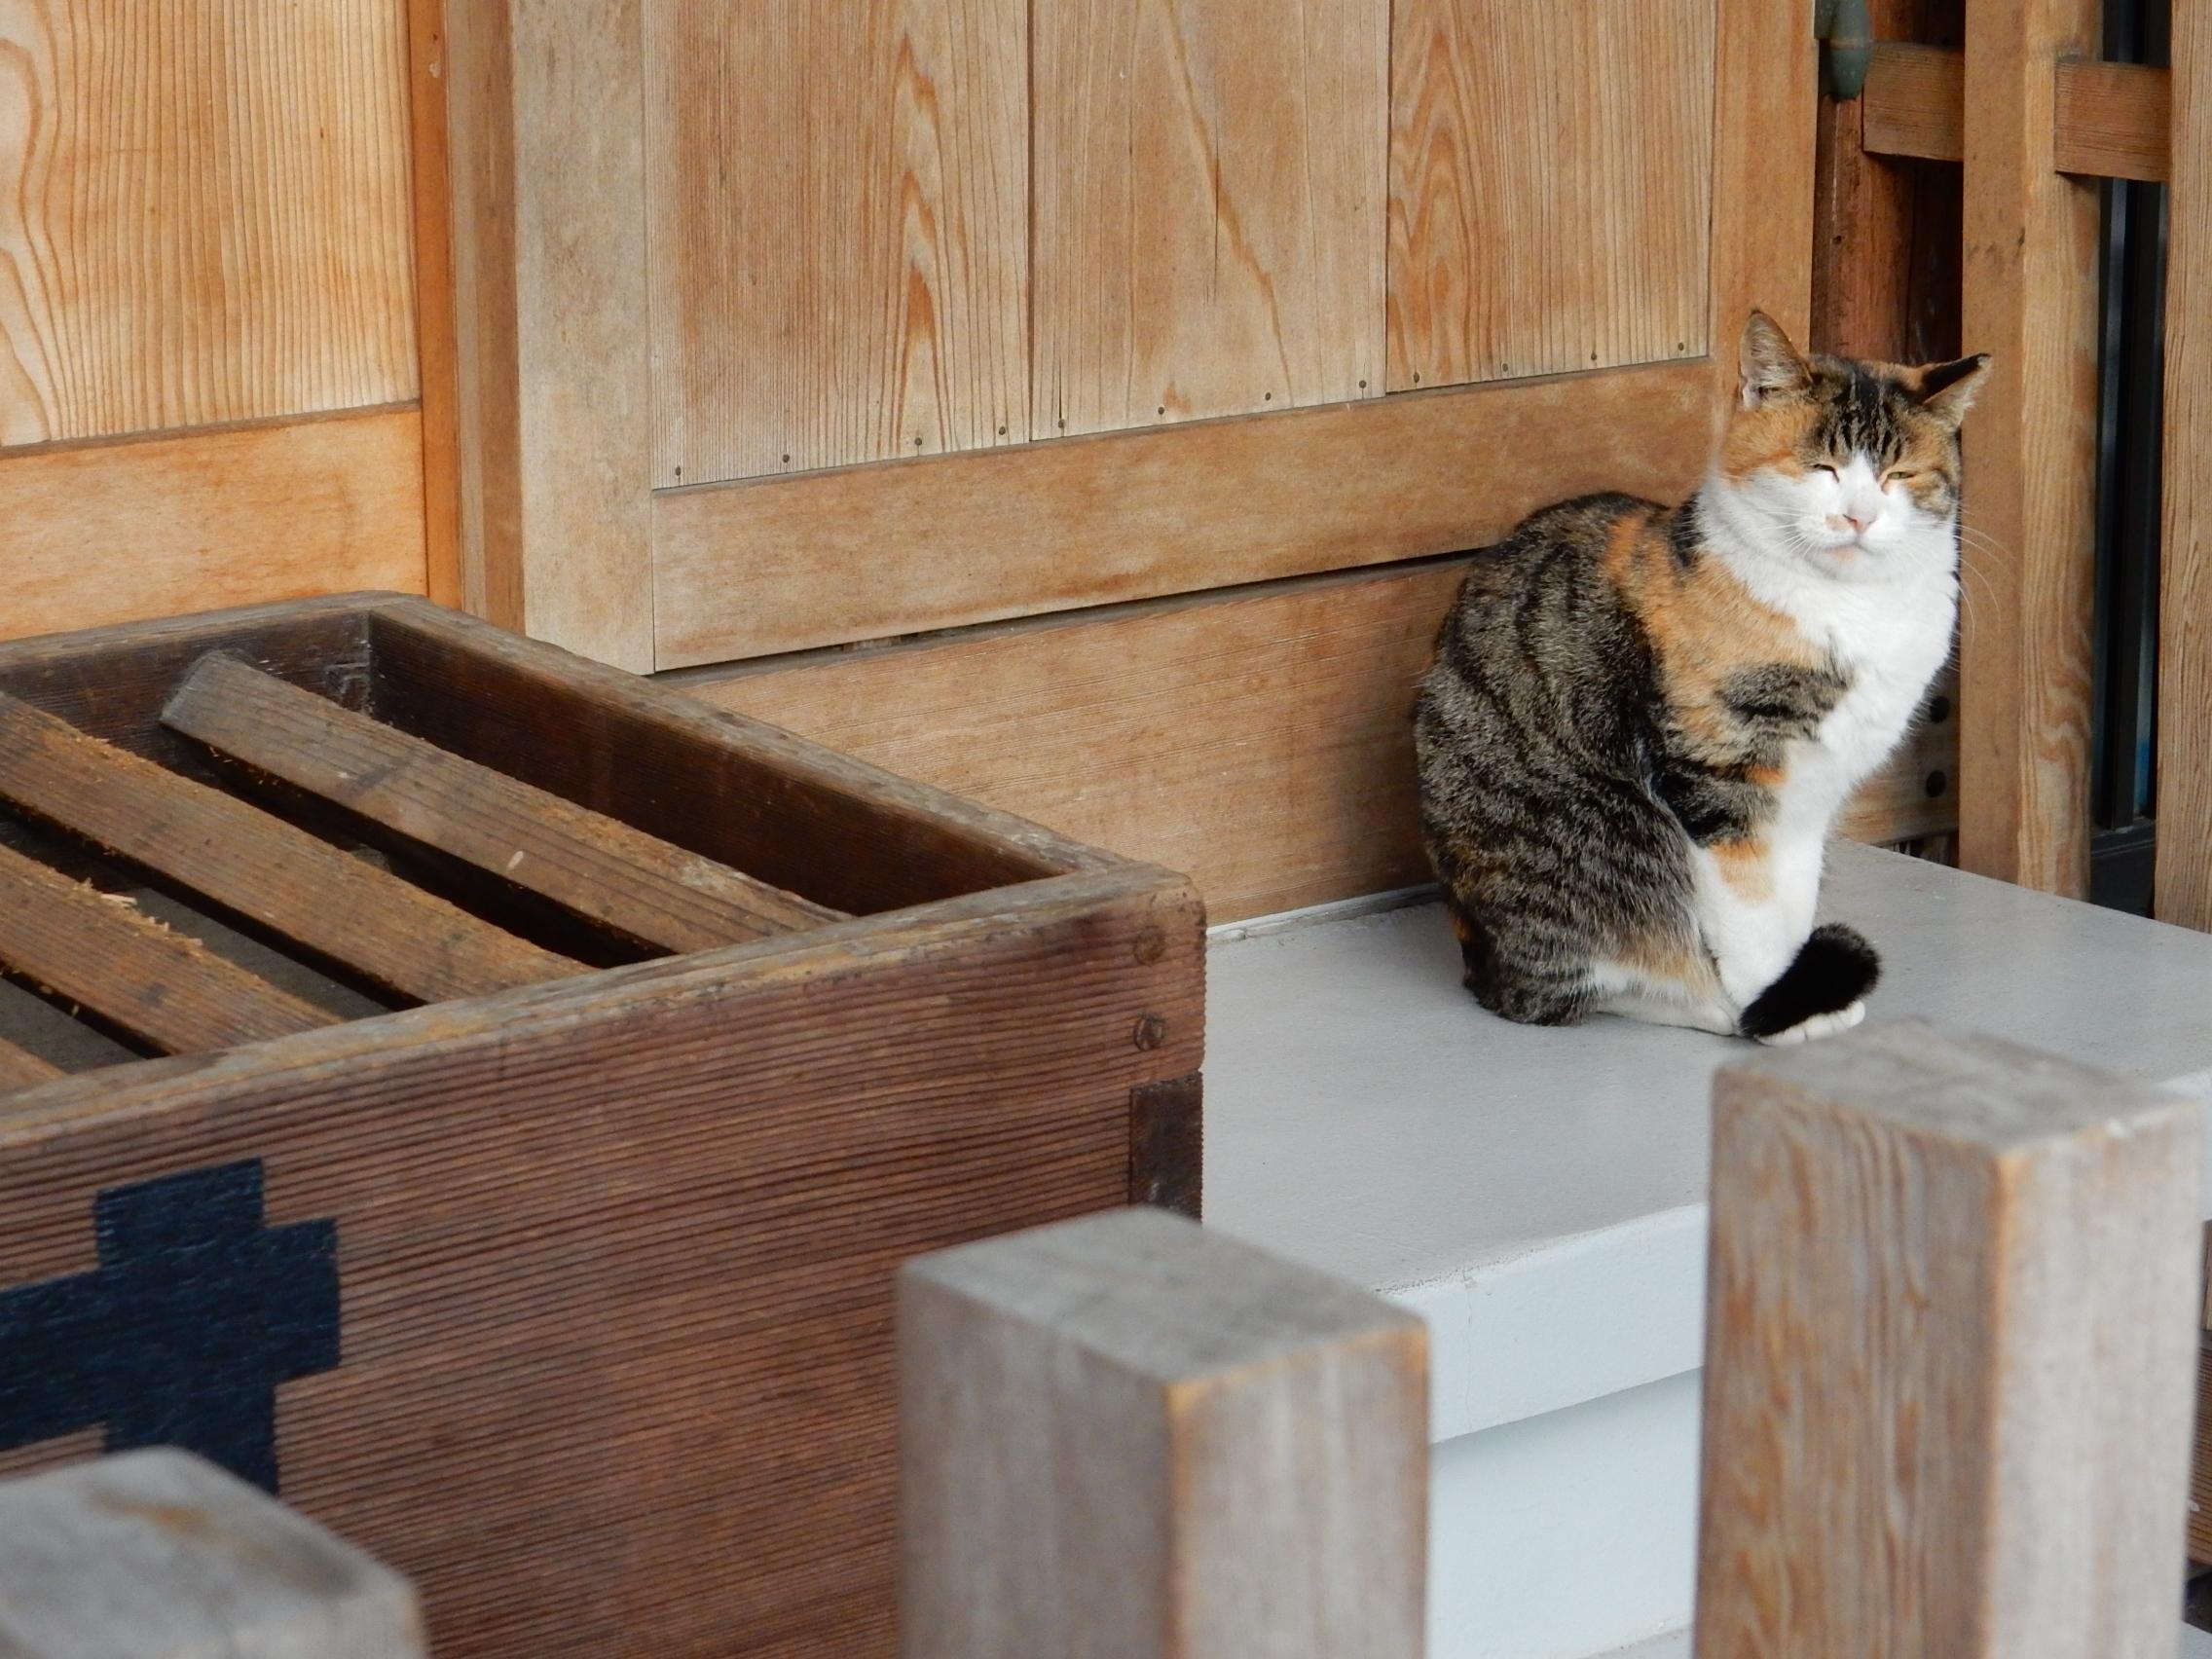 ぽかぽか冬至の居眠り寺猫